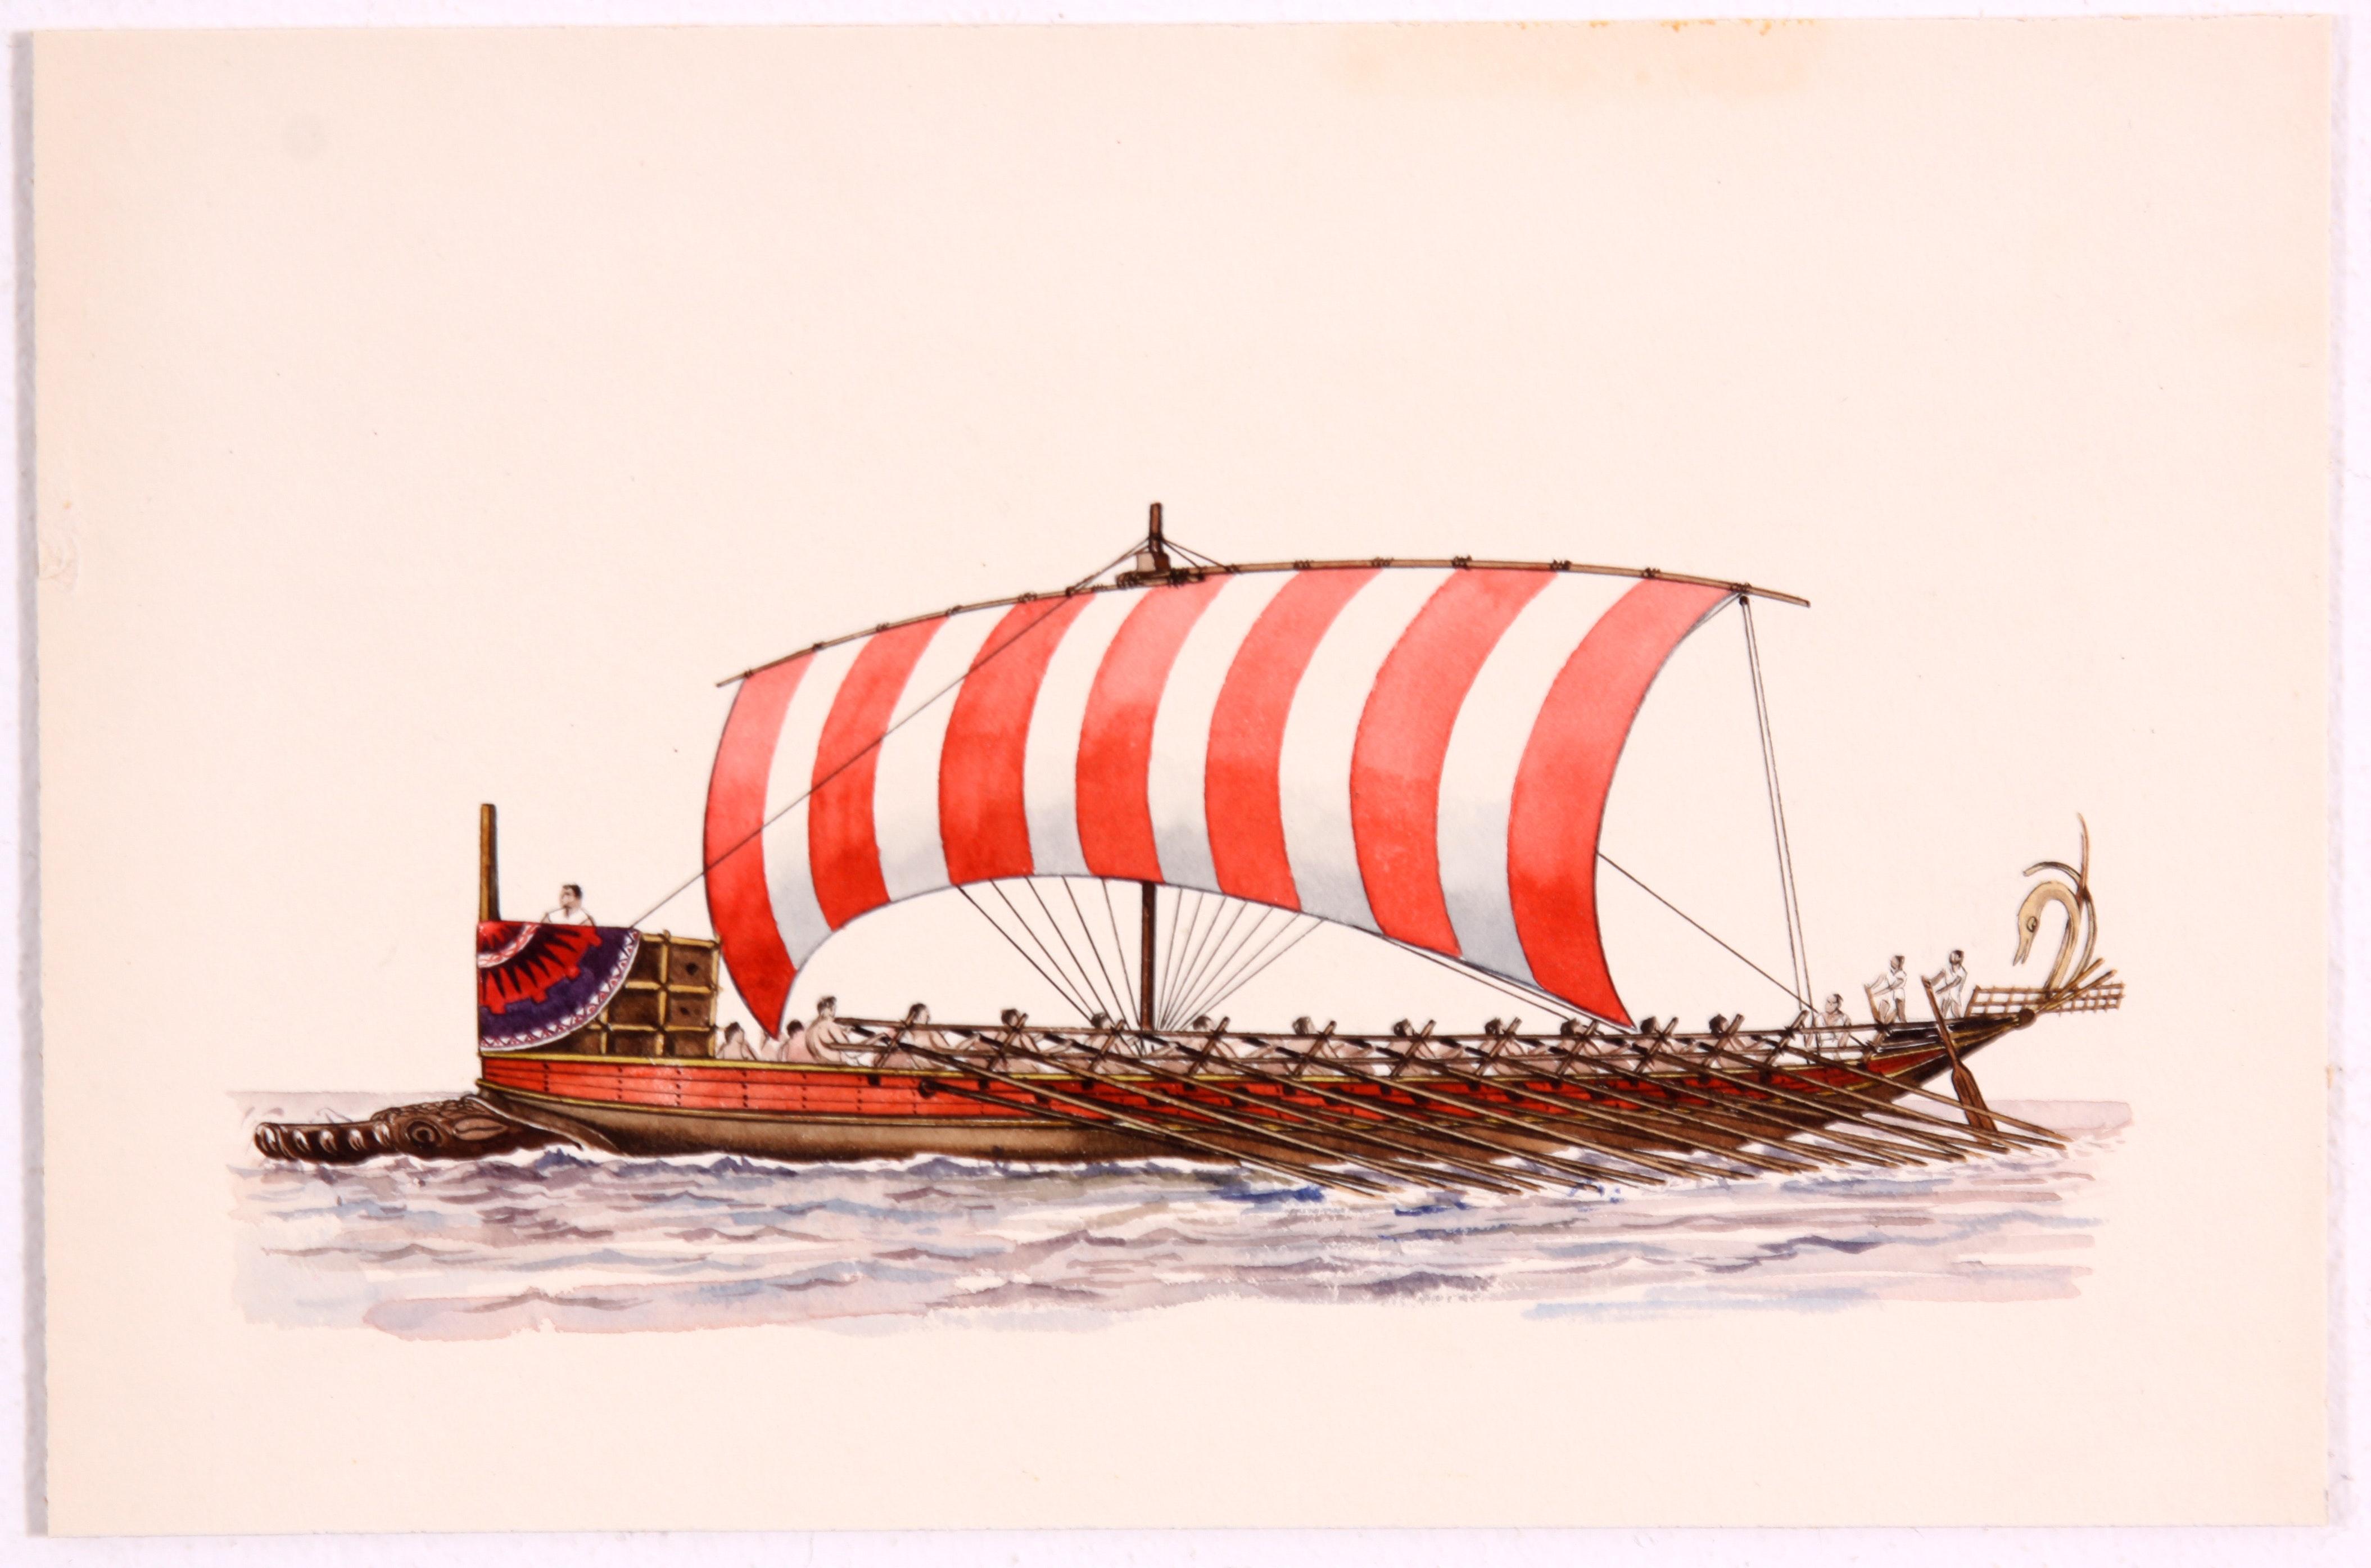 Original Greek Bireme Painting in Watercolor